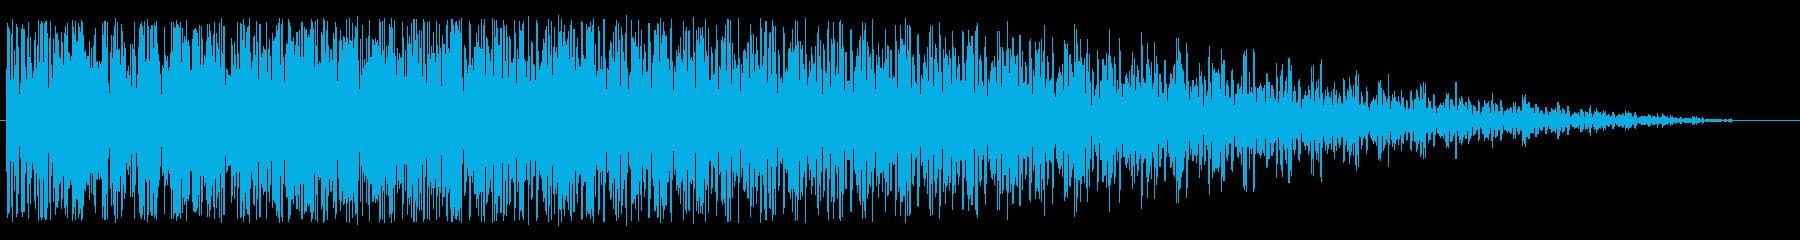 ワープエンジン(安定状態にある効果音)の再生済みの波形